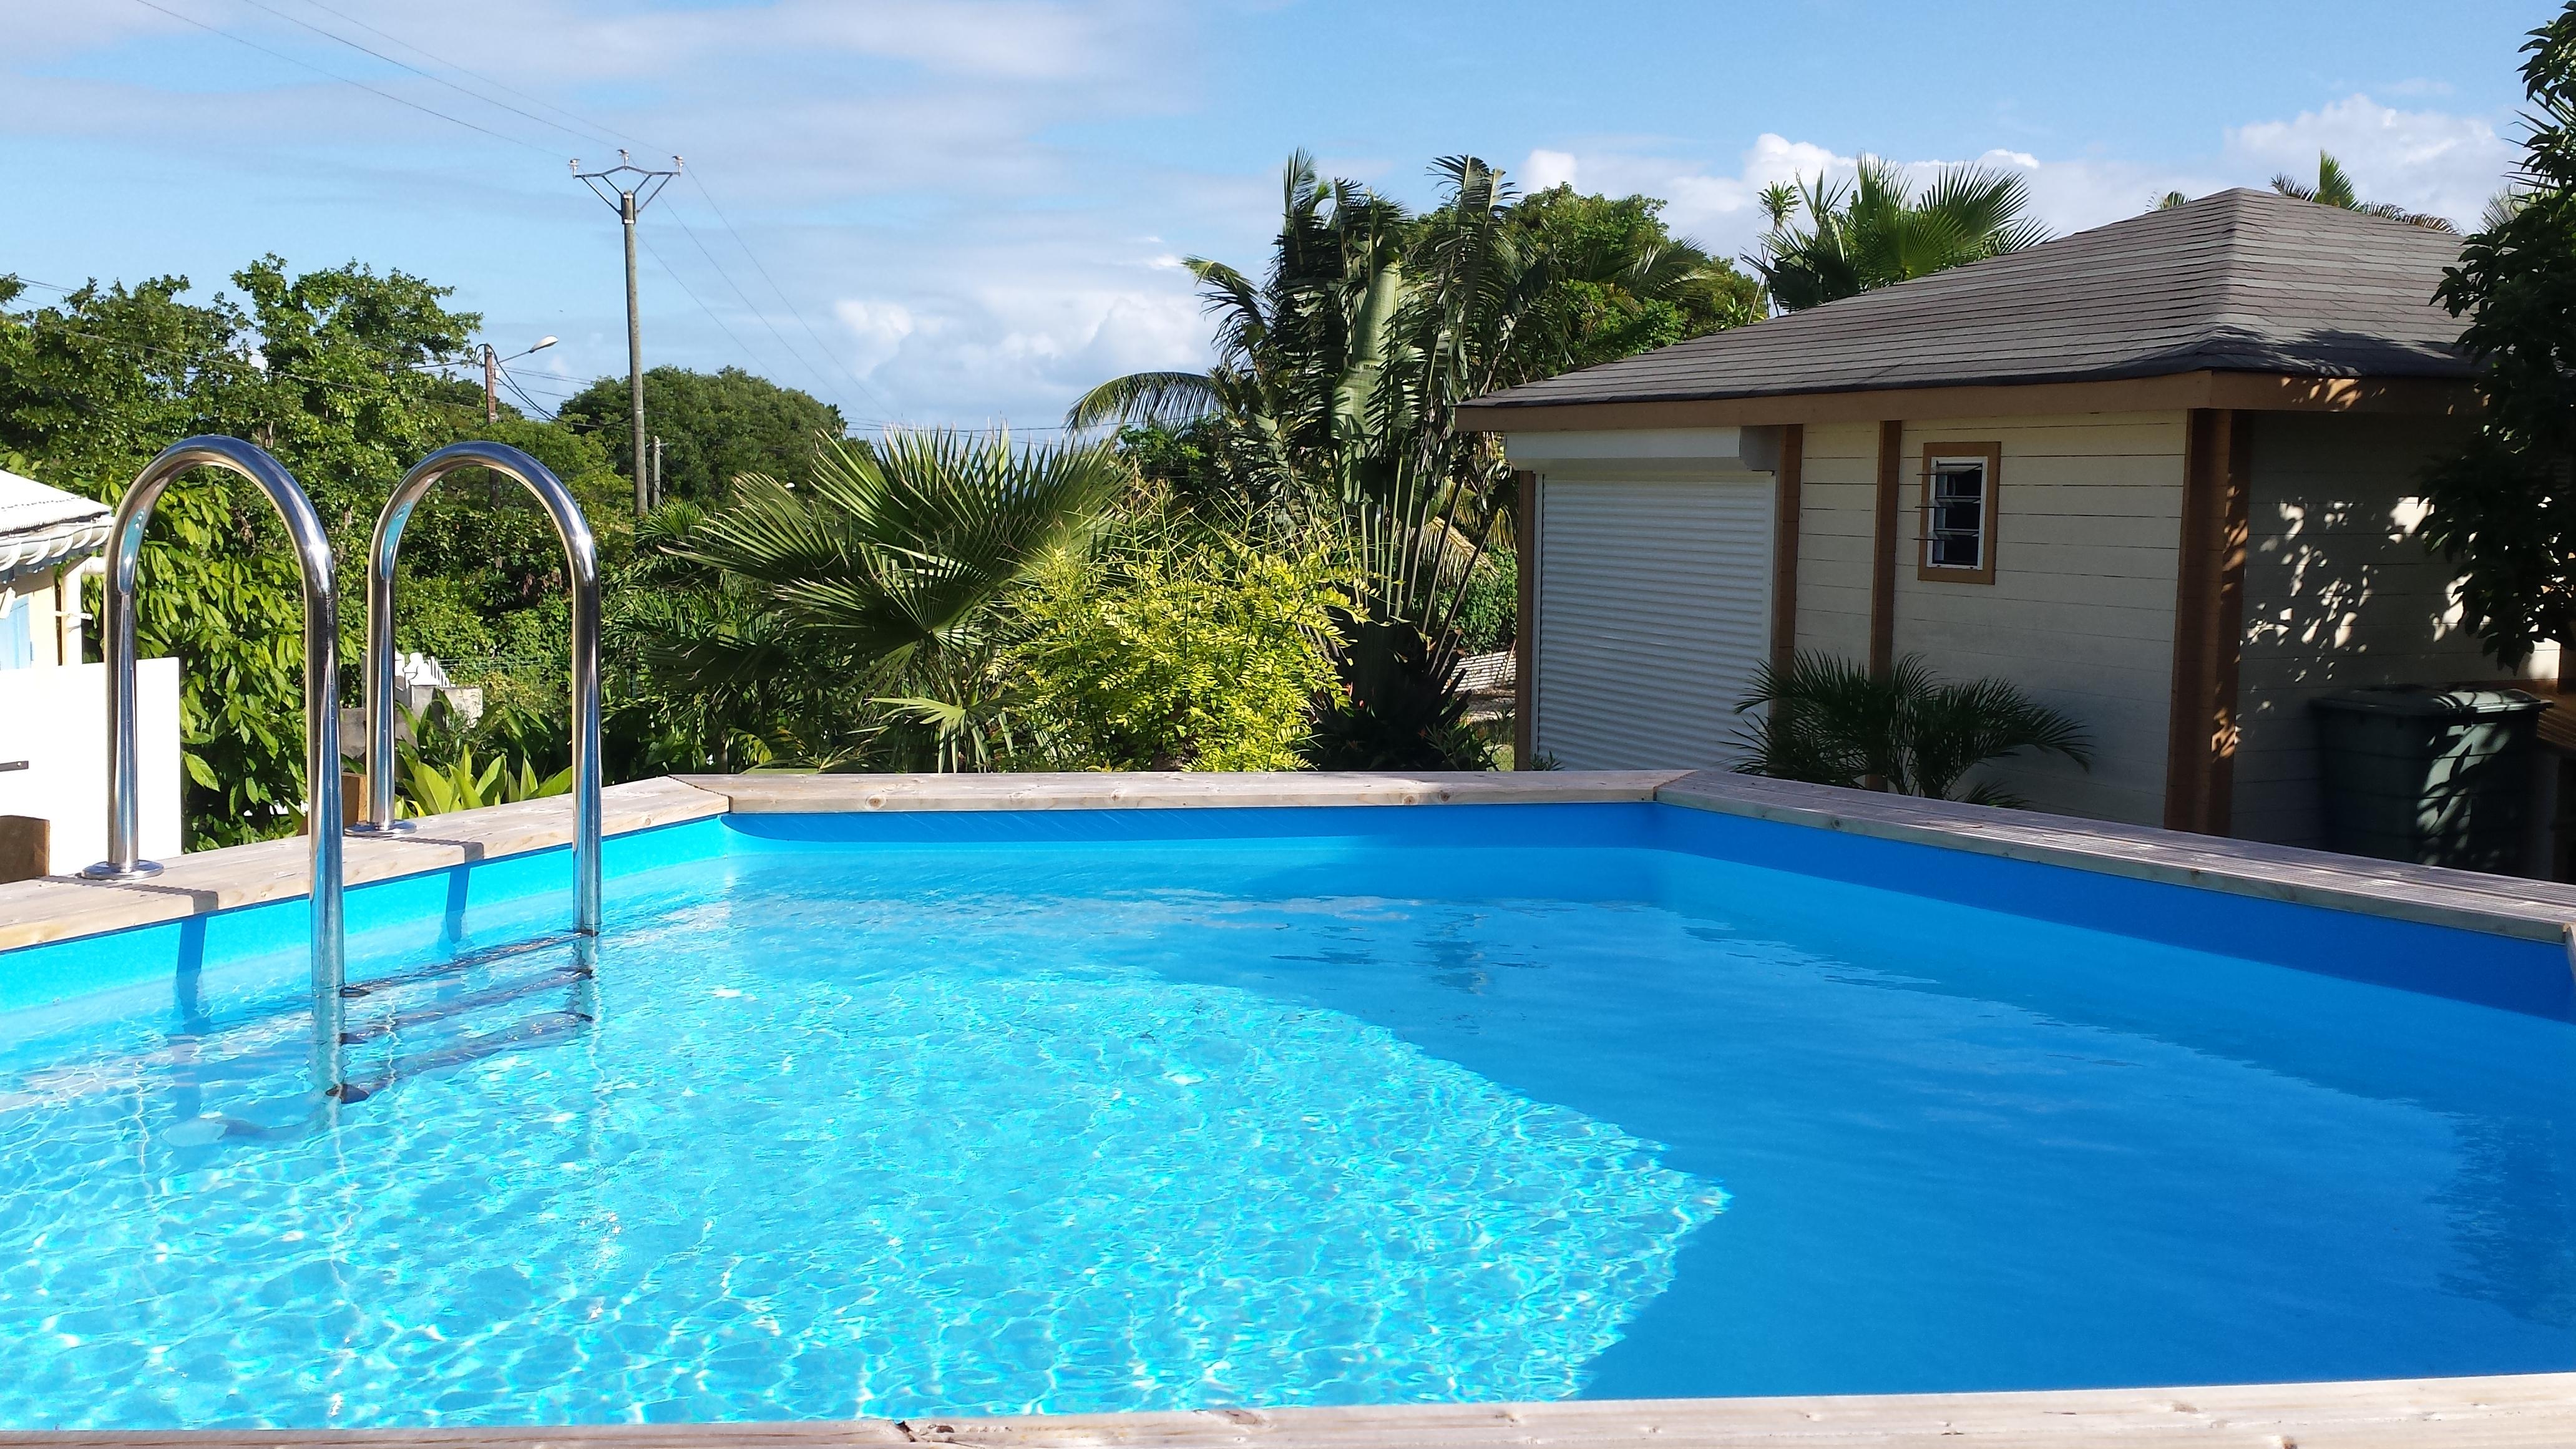 Le bungalow d 39 exception guadeloupe fleur de coco gwada - Bungalow guadeloupe piscine privee ...